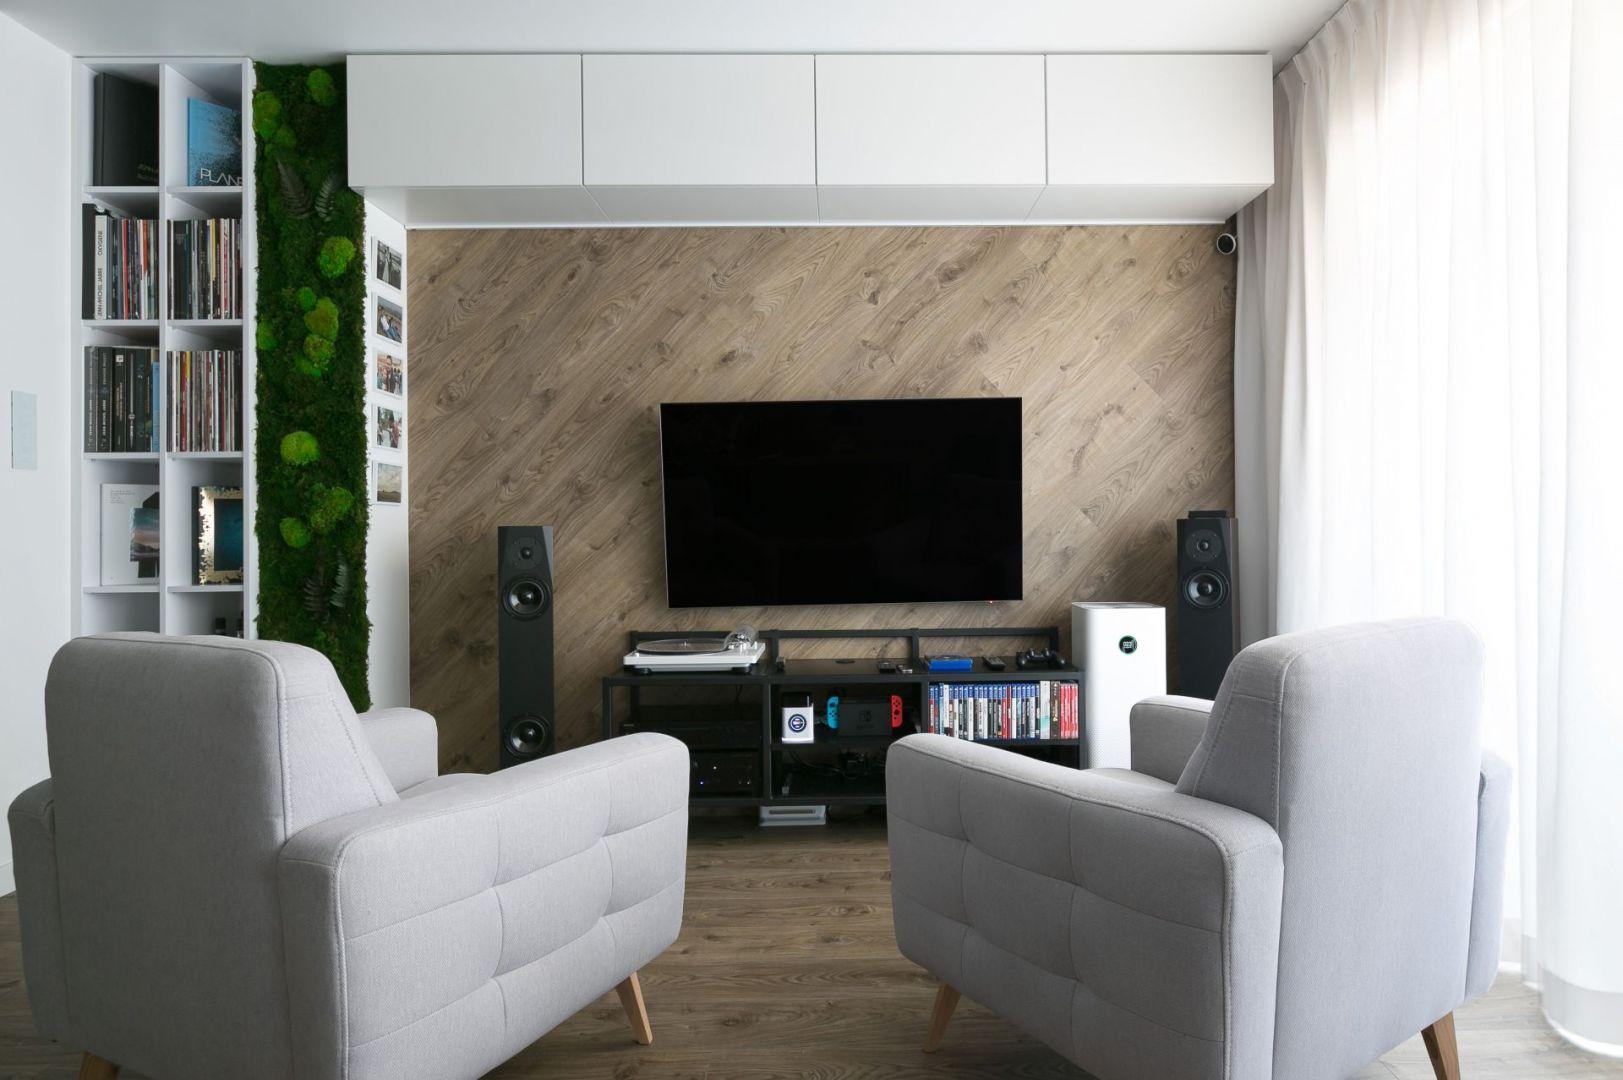 Projekt 53-metrowego mieszkania dla pary - pokój dzienny. Projekt wnętrza: Paulina Zwolak i Jakub Nieć z pracowni Projektyw. Zdjęcia: Jakub Dziedzic